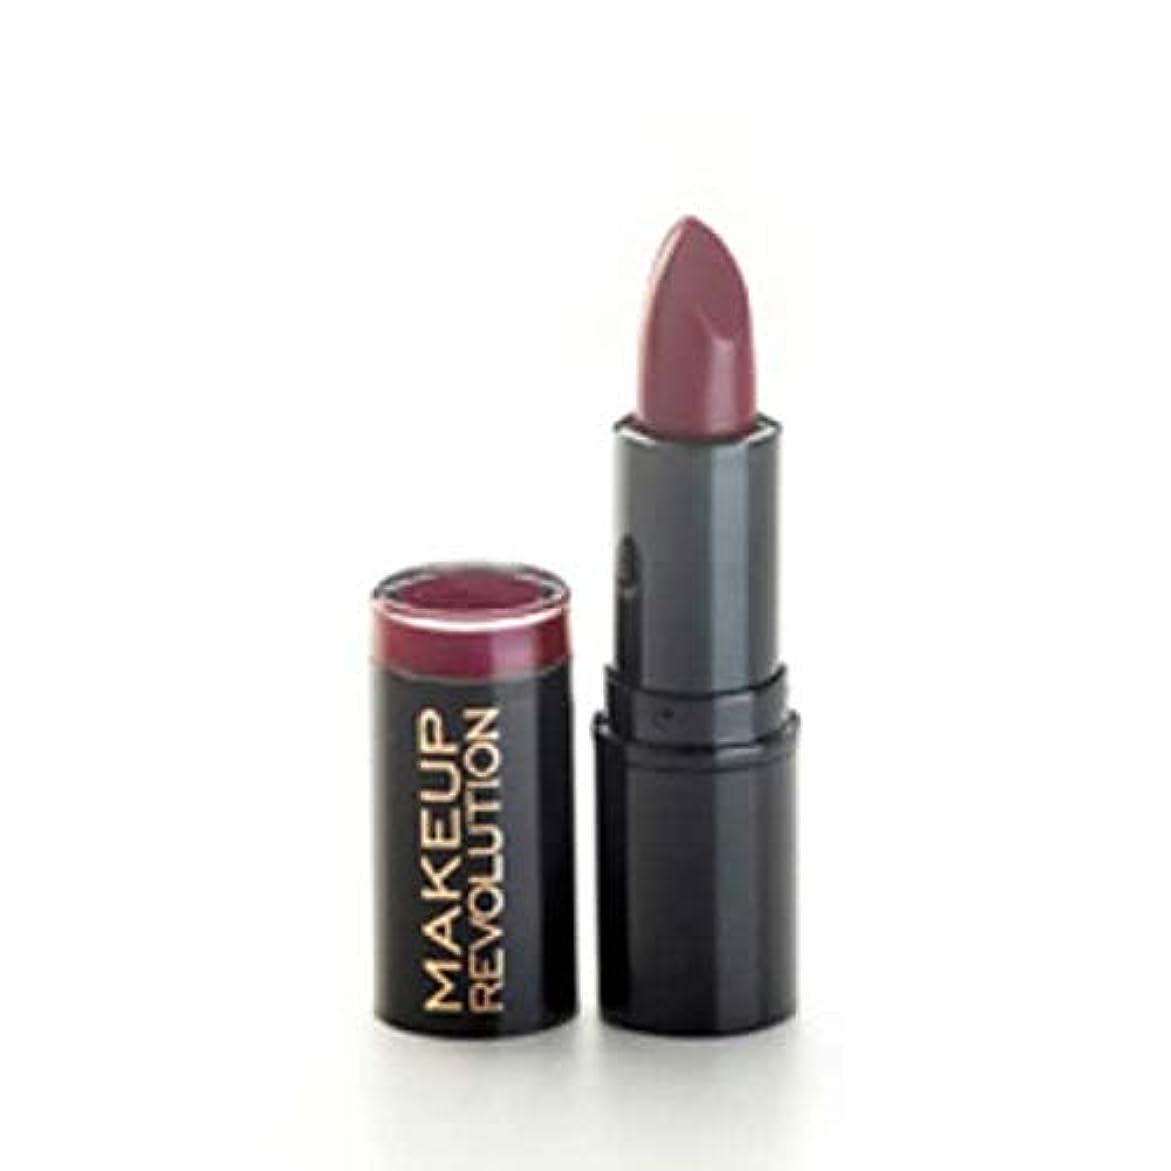 孤独壊れた明らか[Revolution ] 原因と革命Vampコレクションの口紅の反乱 - Revolution Vamp Collection Lipstick Rebel with Cause [並行輸入品]